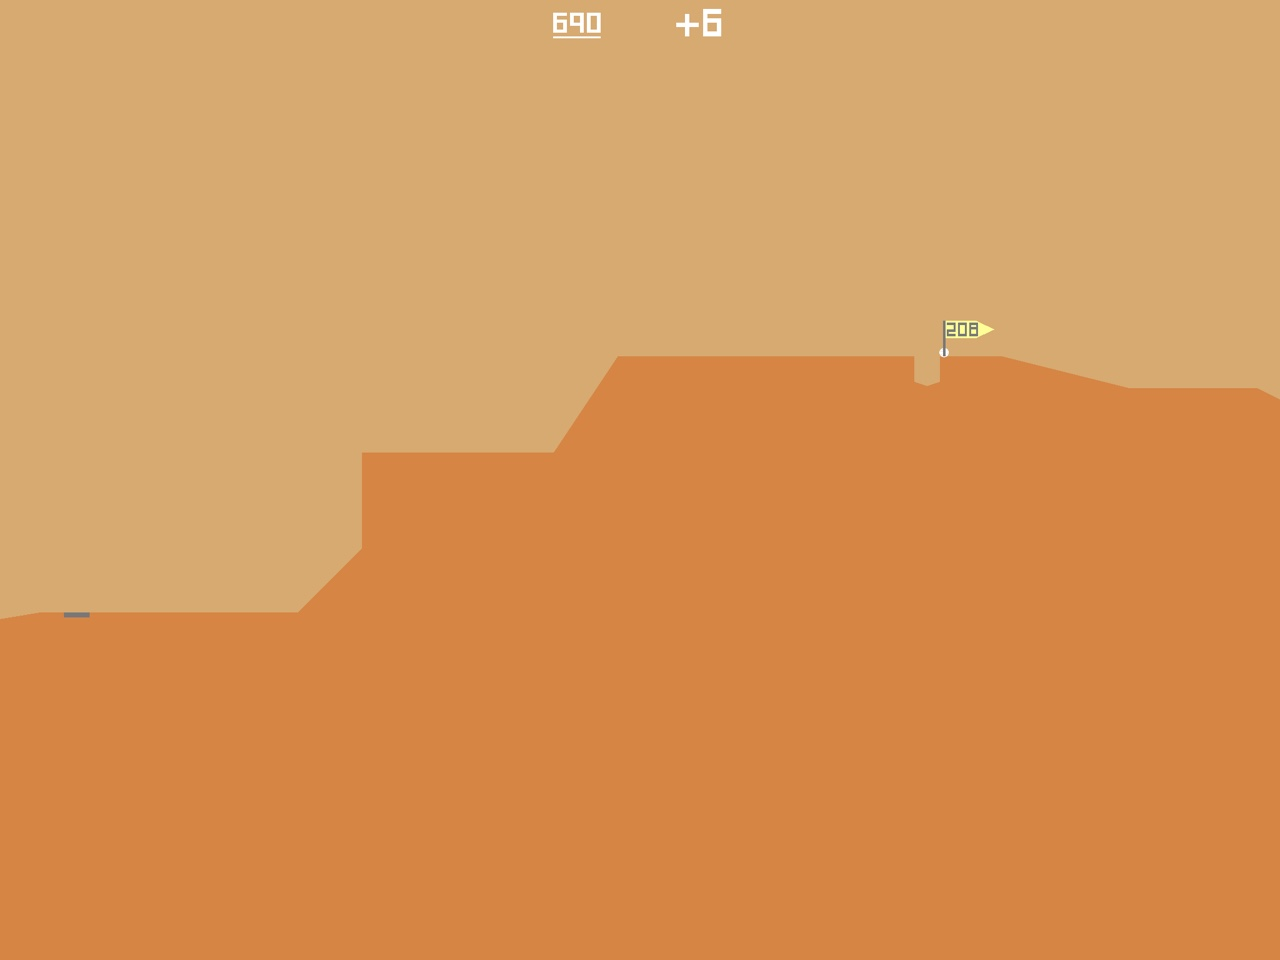 desert-golfing-00019